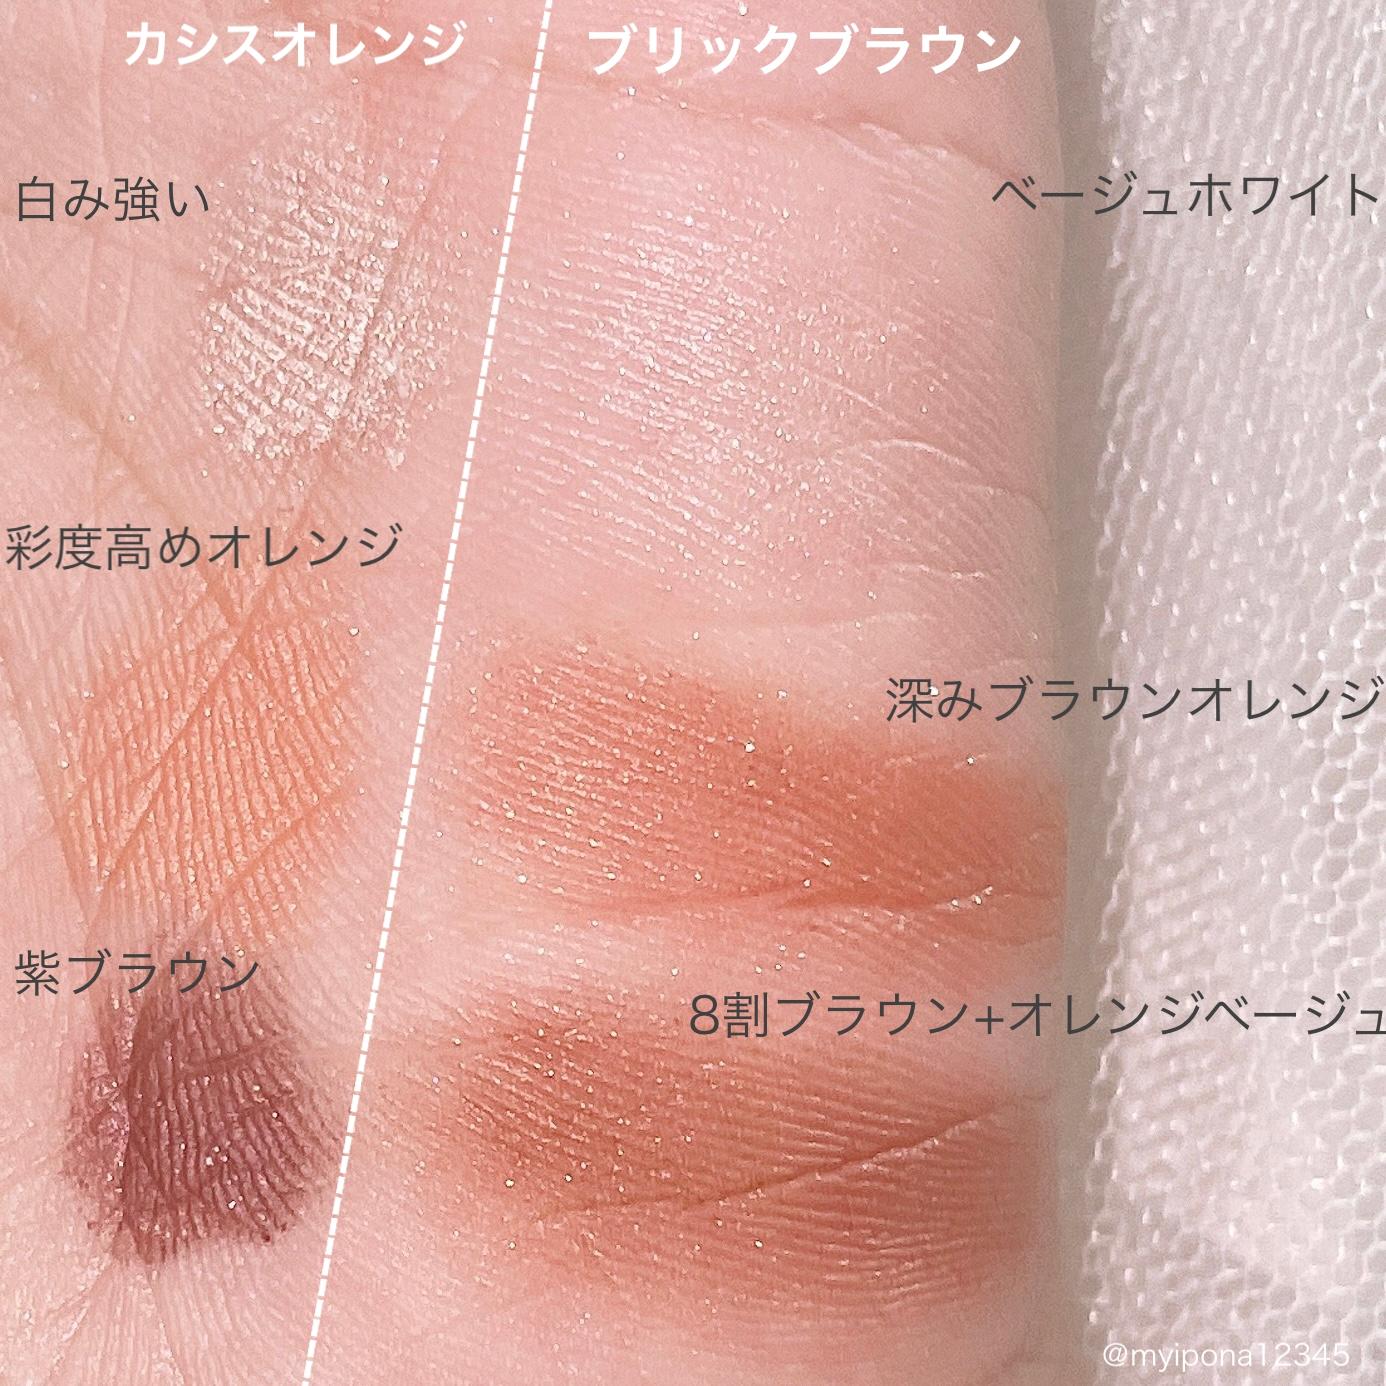 CEZANNE(セザンヌ) トーンアップアイシャドウの良い点・メリットに関するみぃぽなさんの口コミ画像3